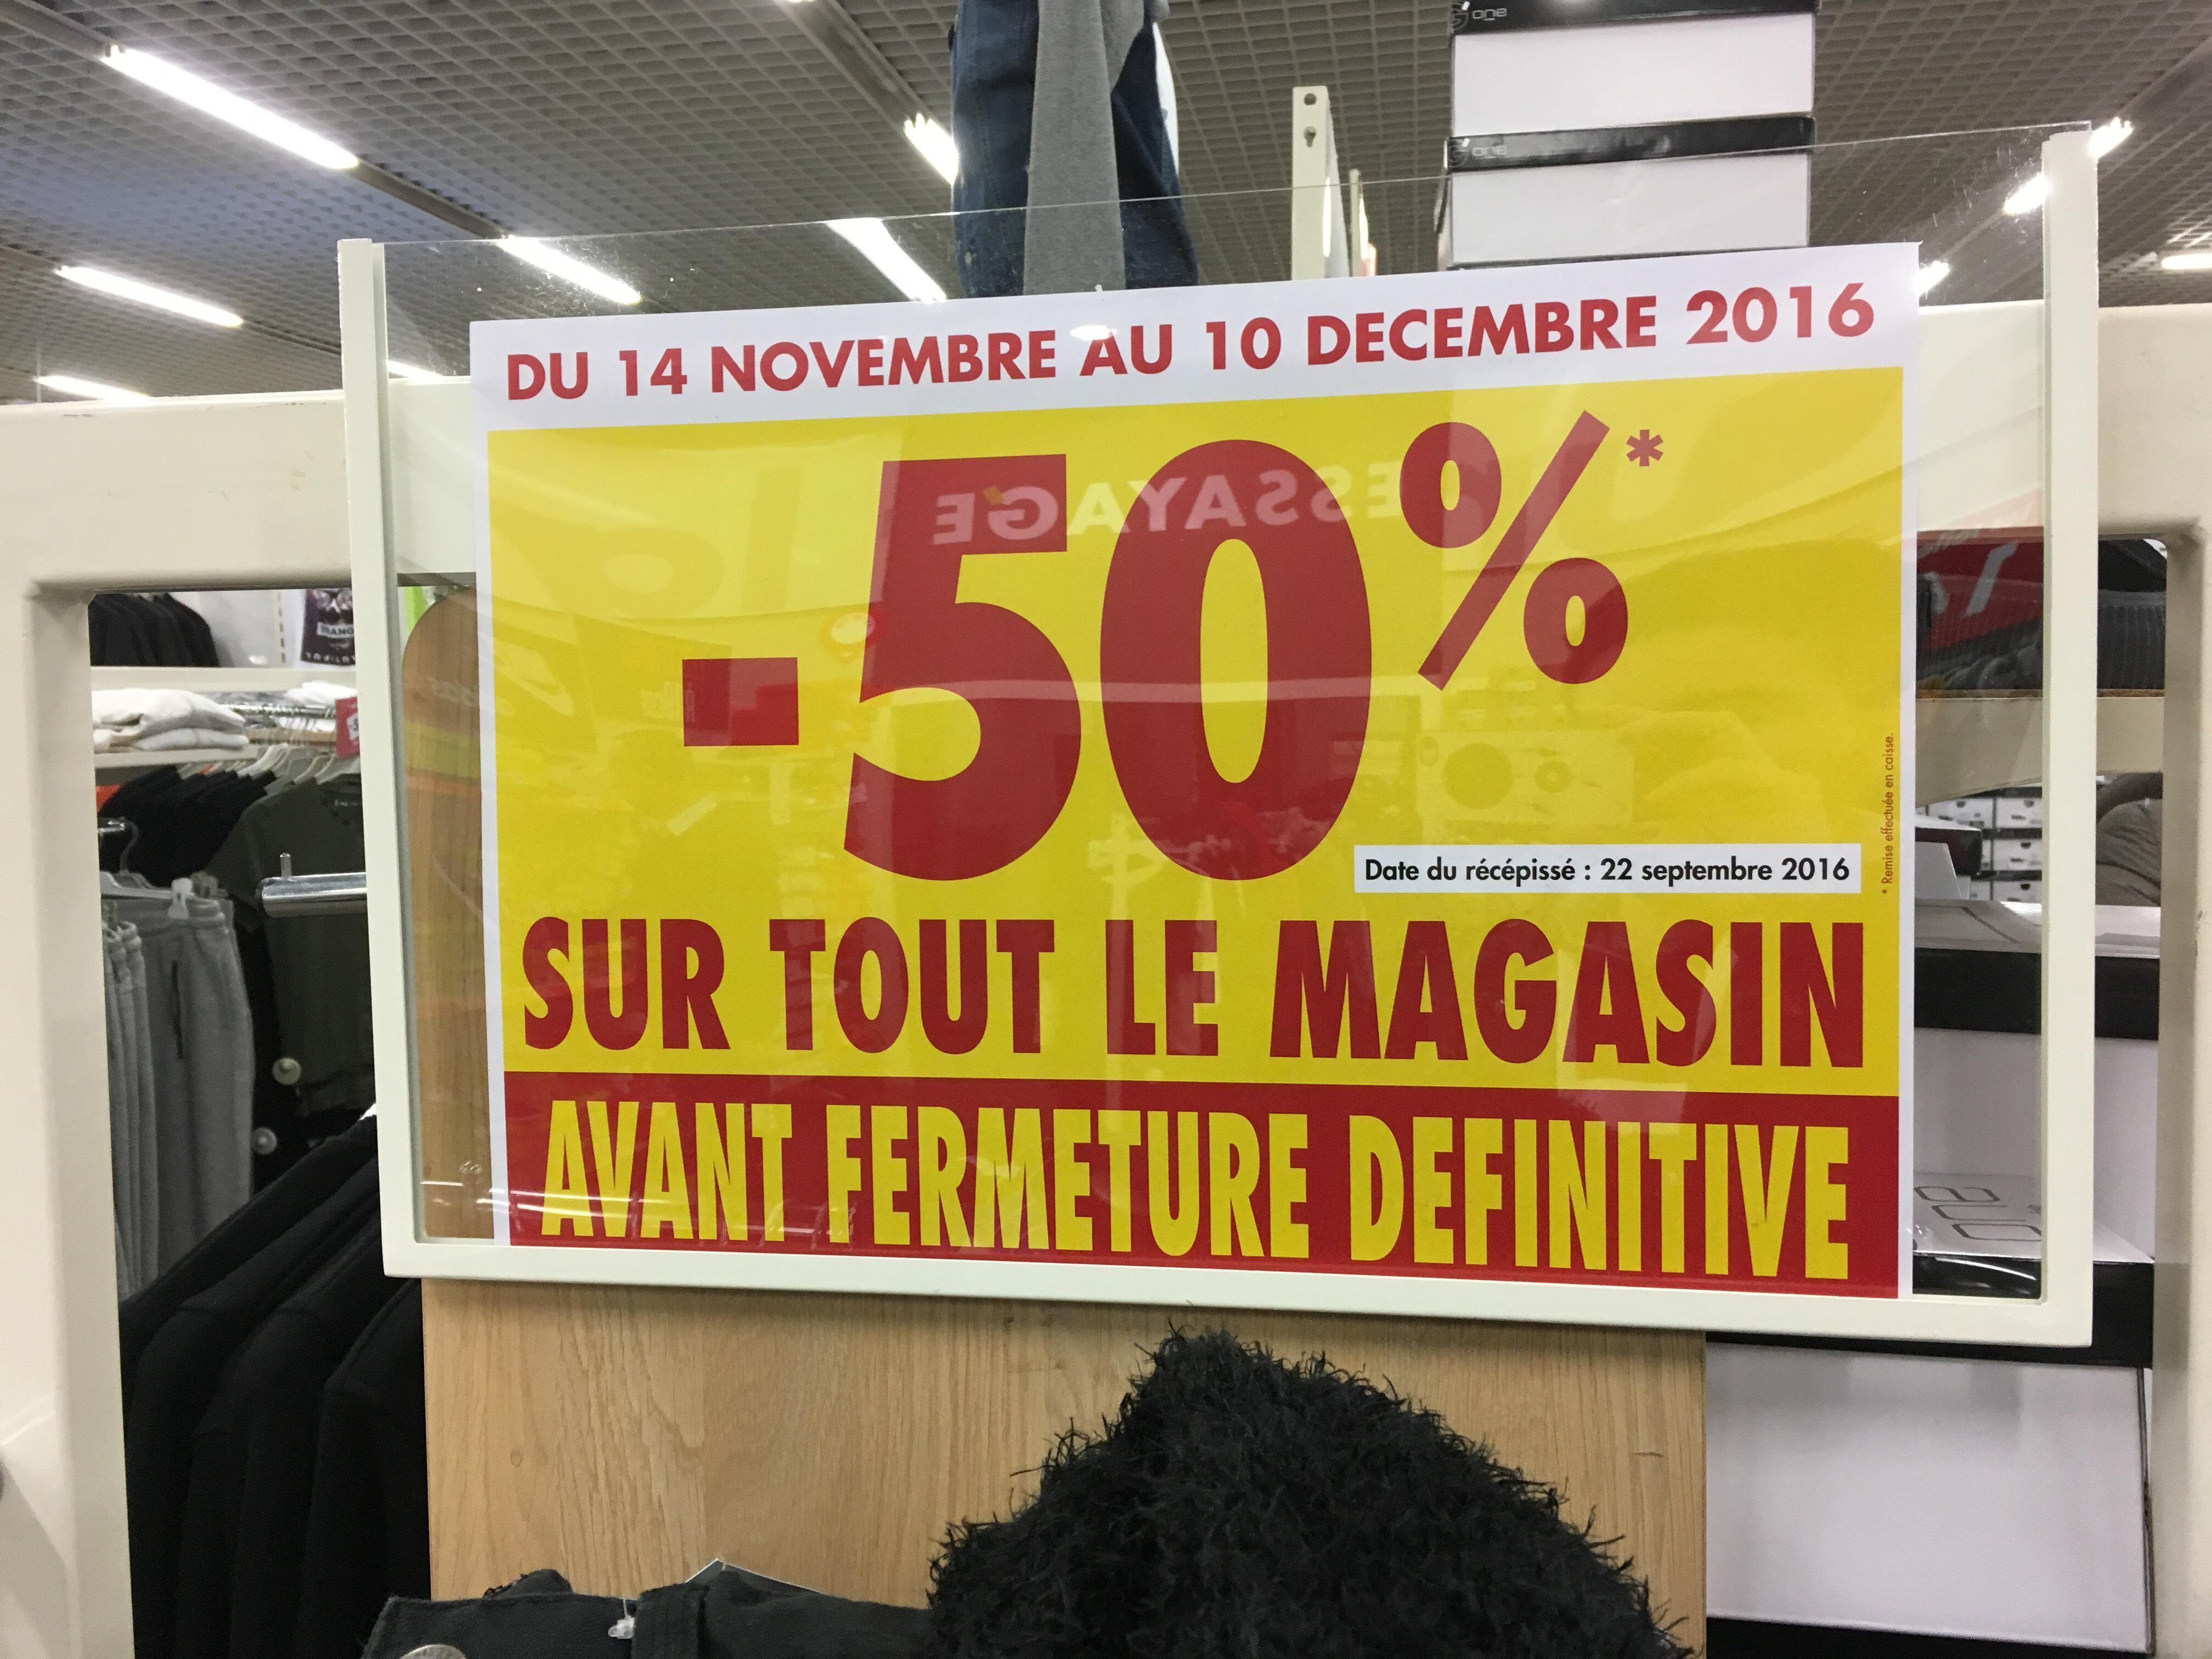 50% de réduction sur tout le magasin